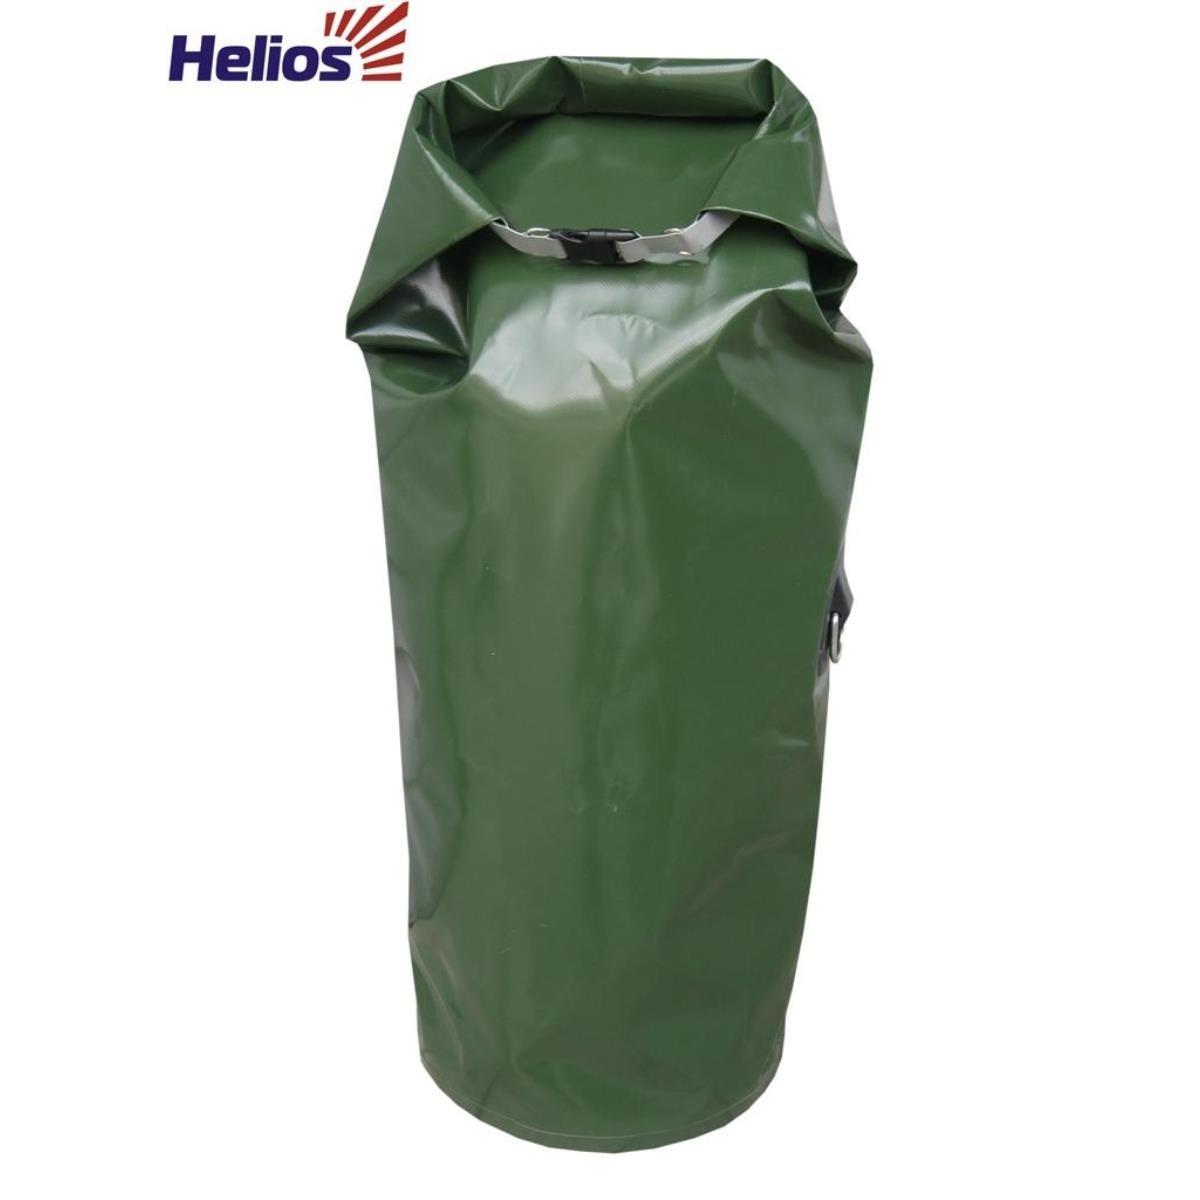 Драйбег 70л (D33/h100cm) Khaki Helios (HS-DB-7033100-H) Waterproof Bag Dry Bag Waterproof Backpack